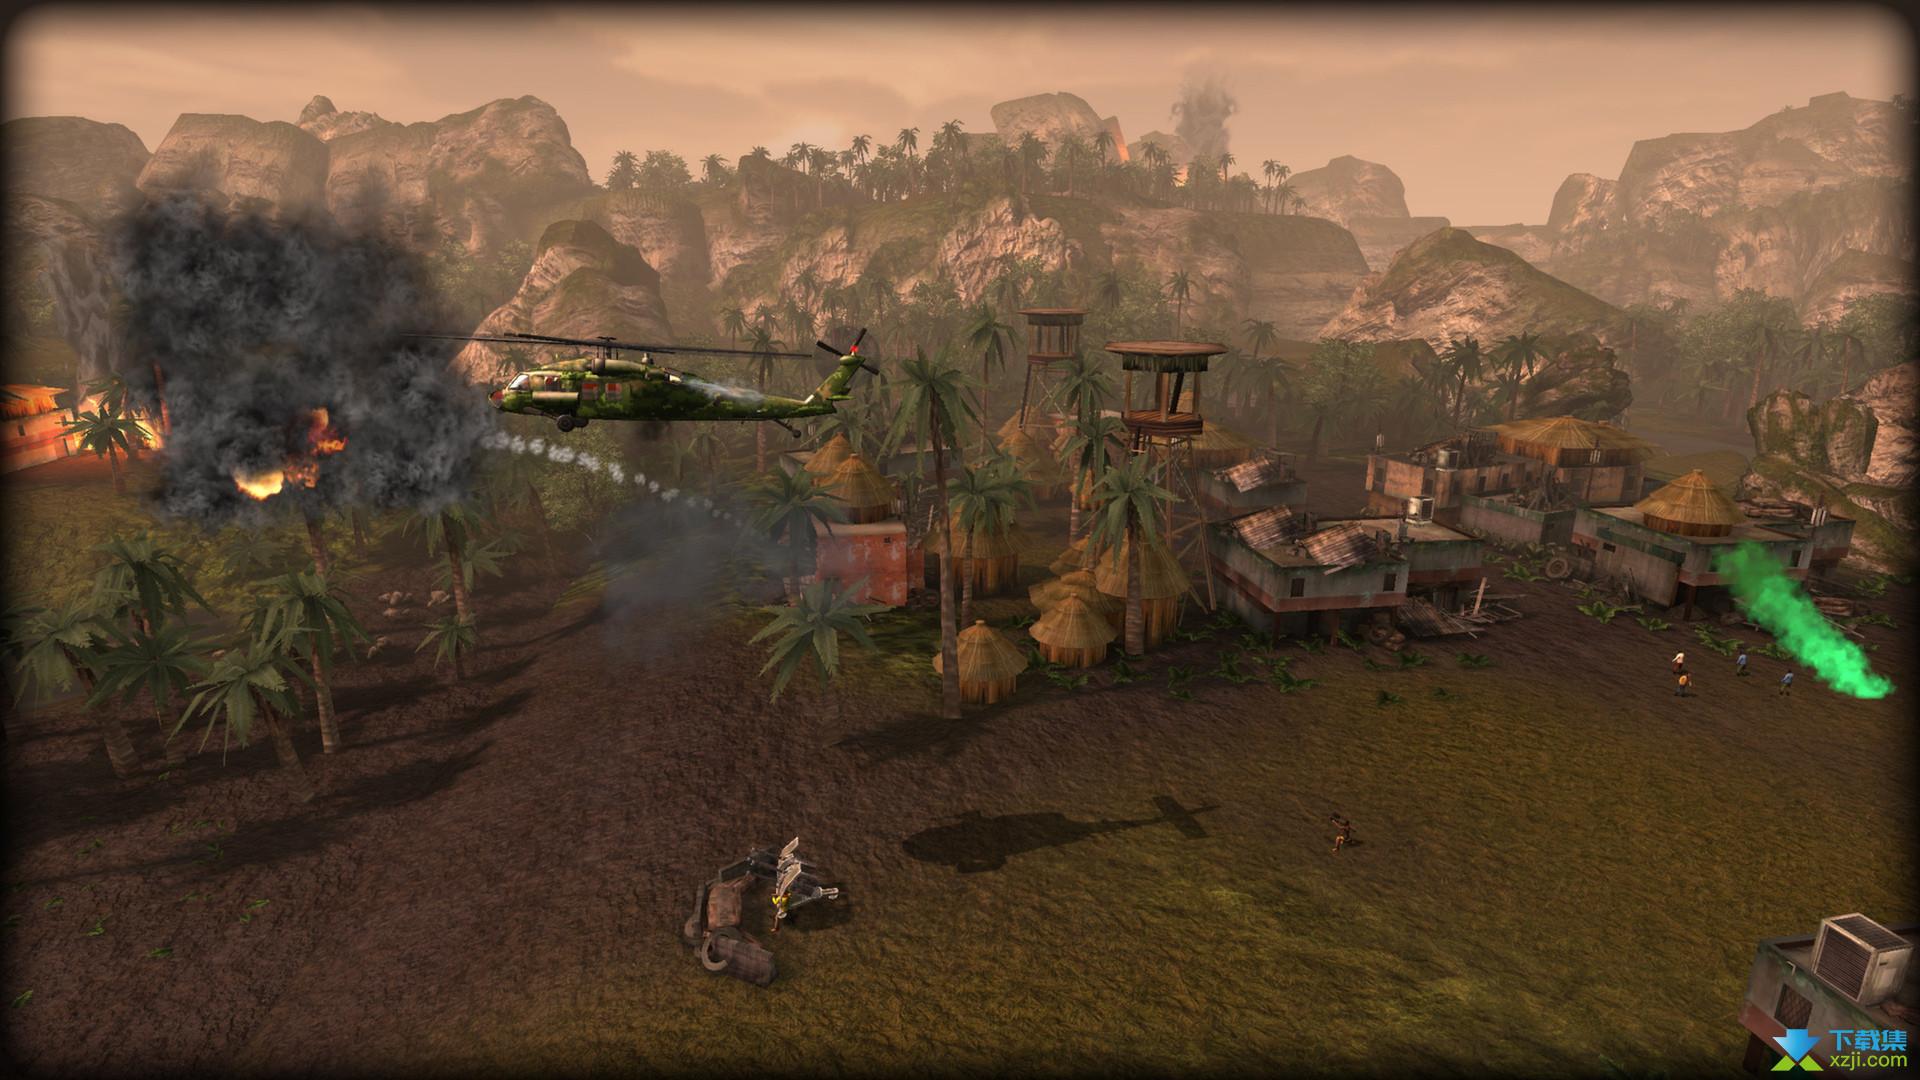 直升机救人高清版界面4